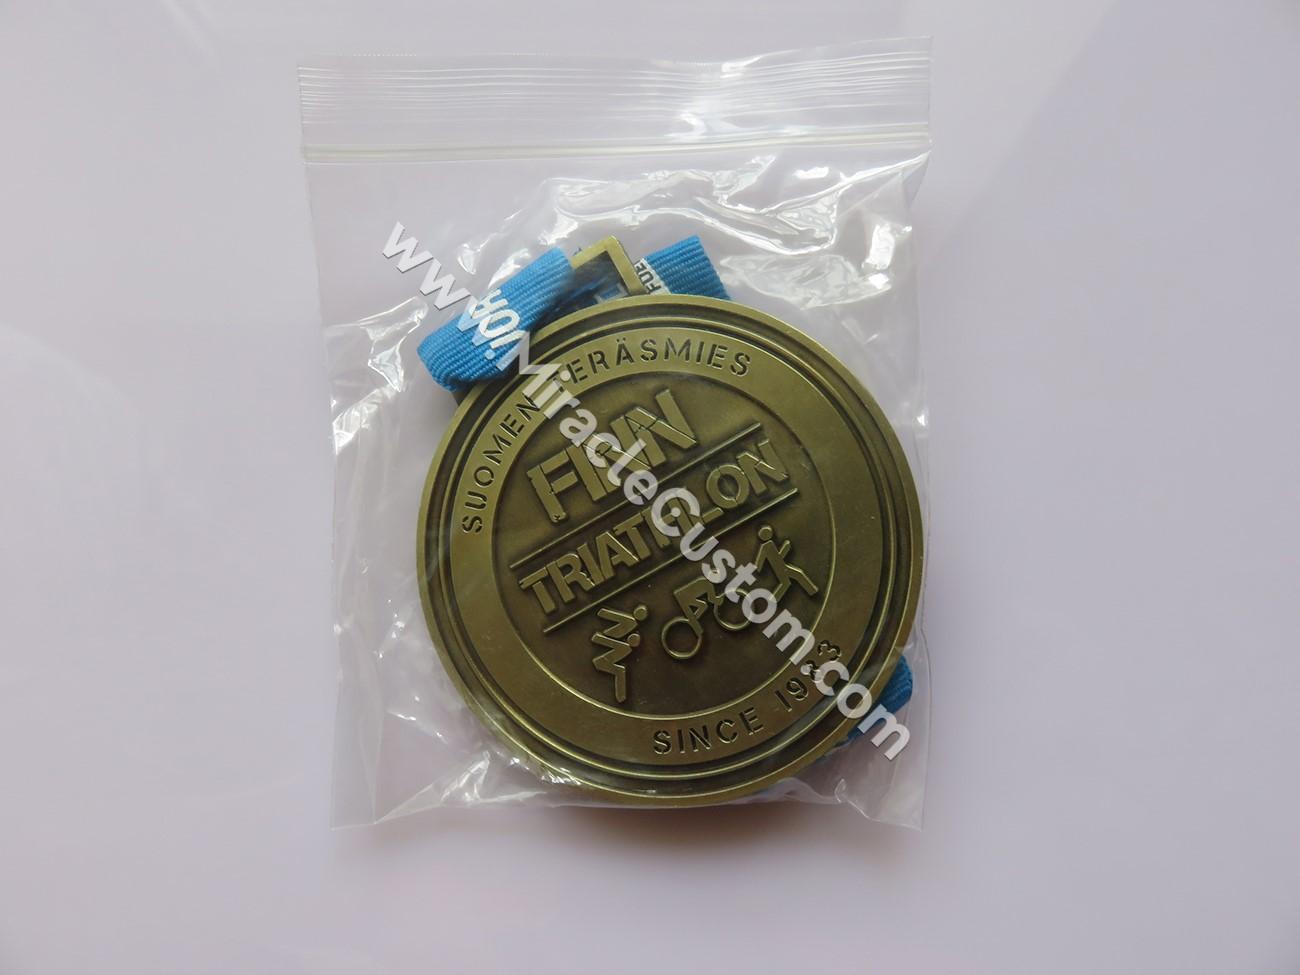 Triathlon custom race medals no minimum